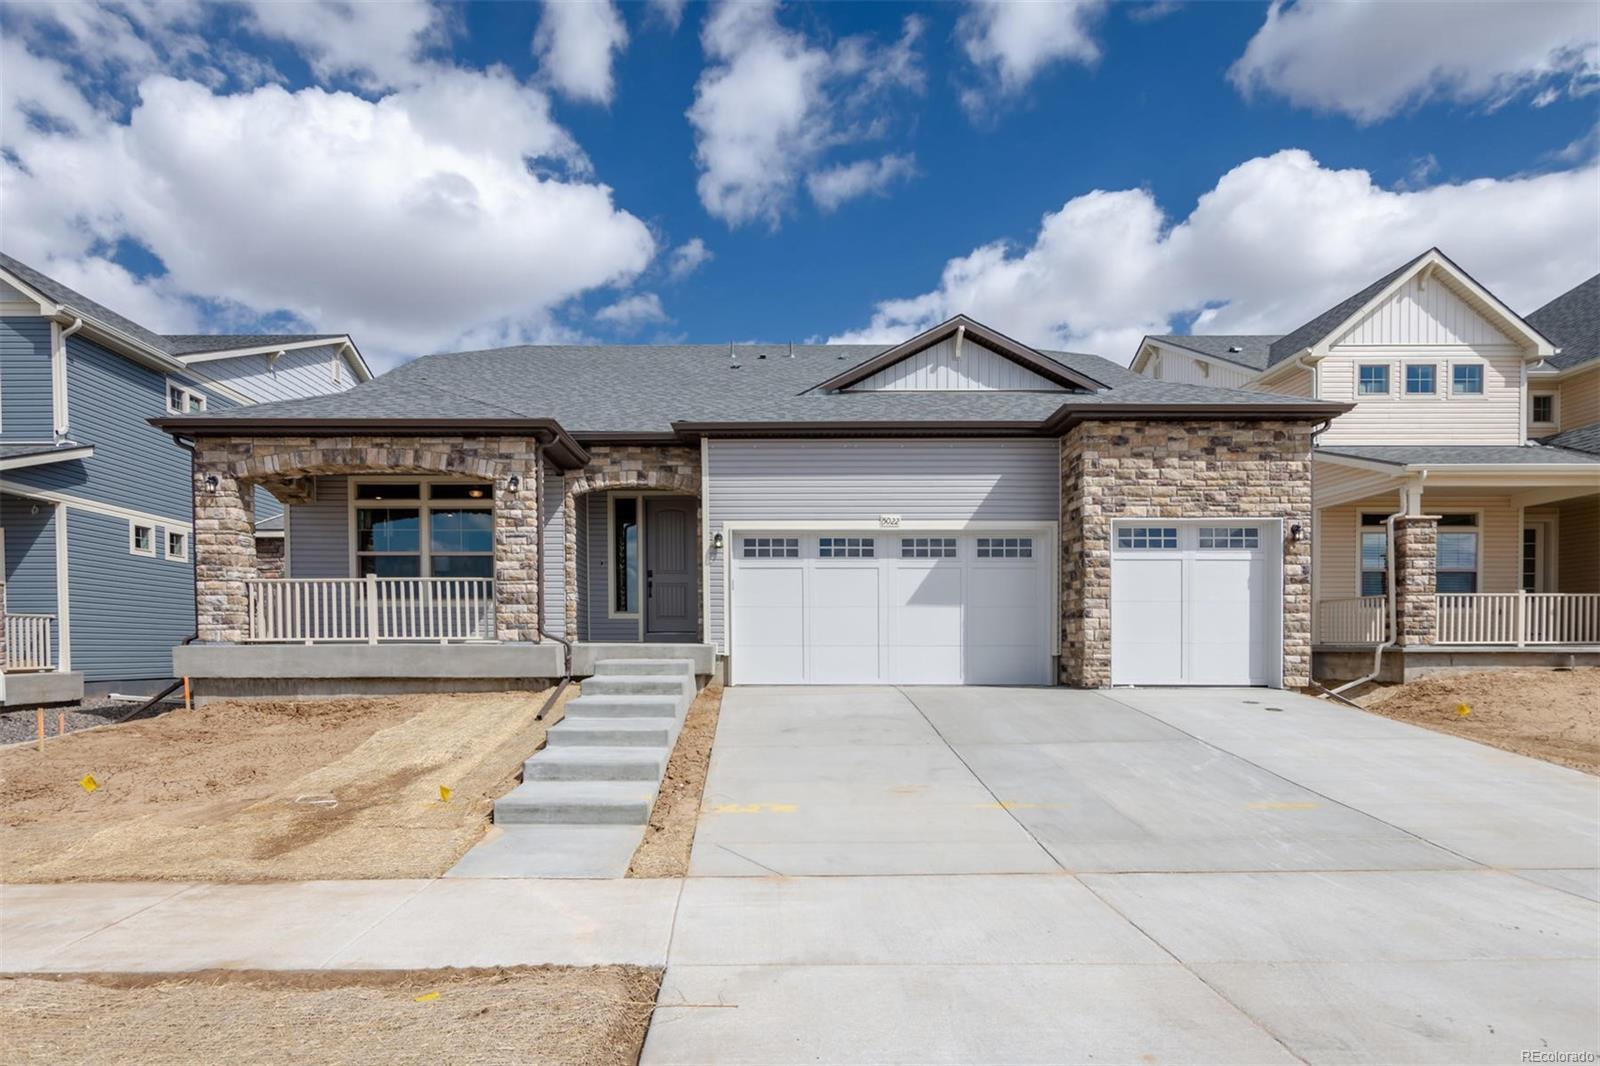 5022 Liverpool Street, Denver, CO 80249 - Denver, CO real estate listing